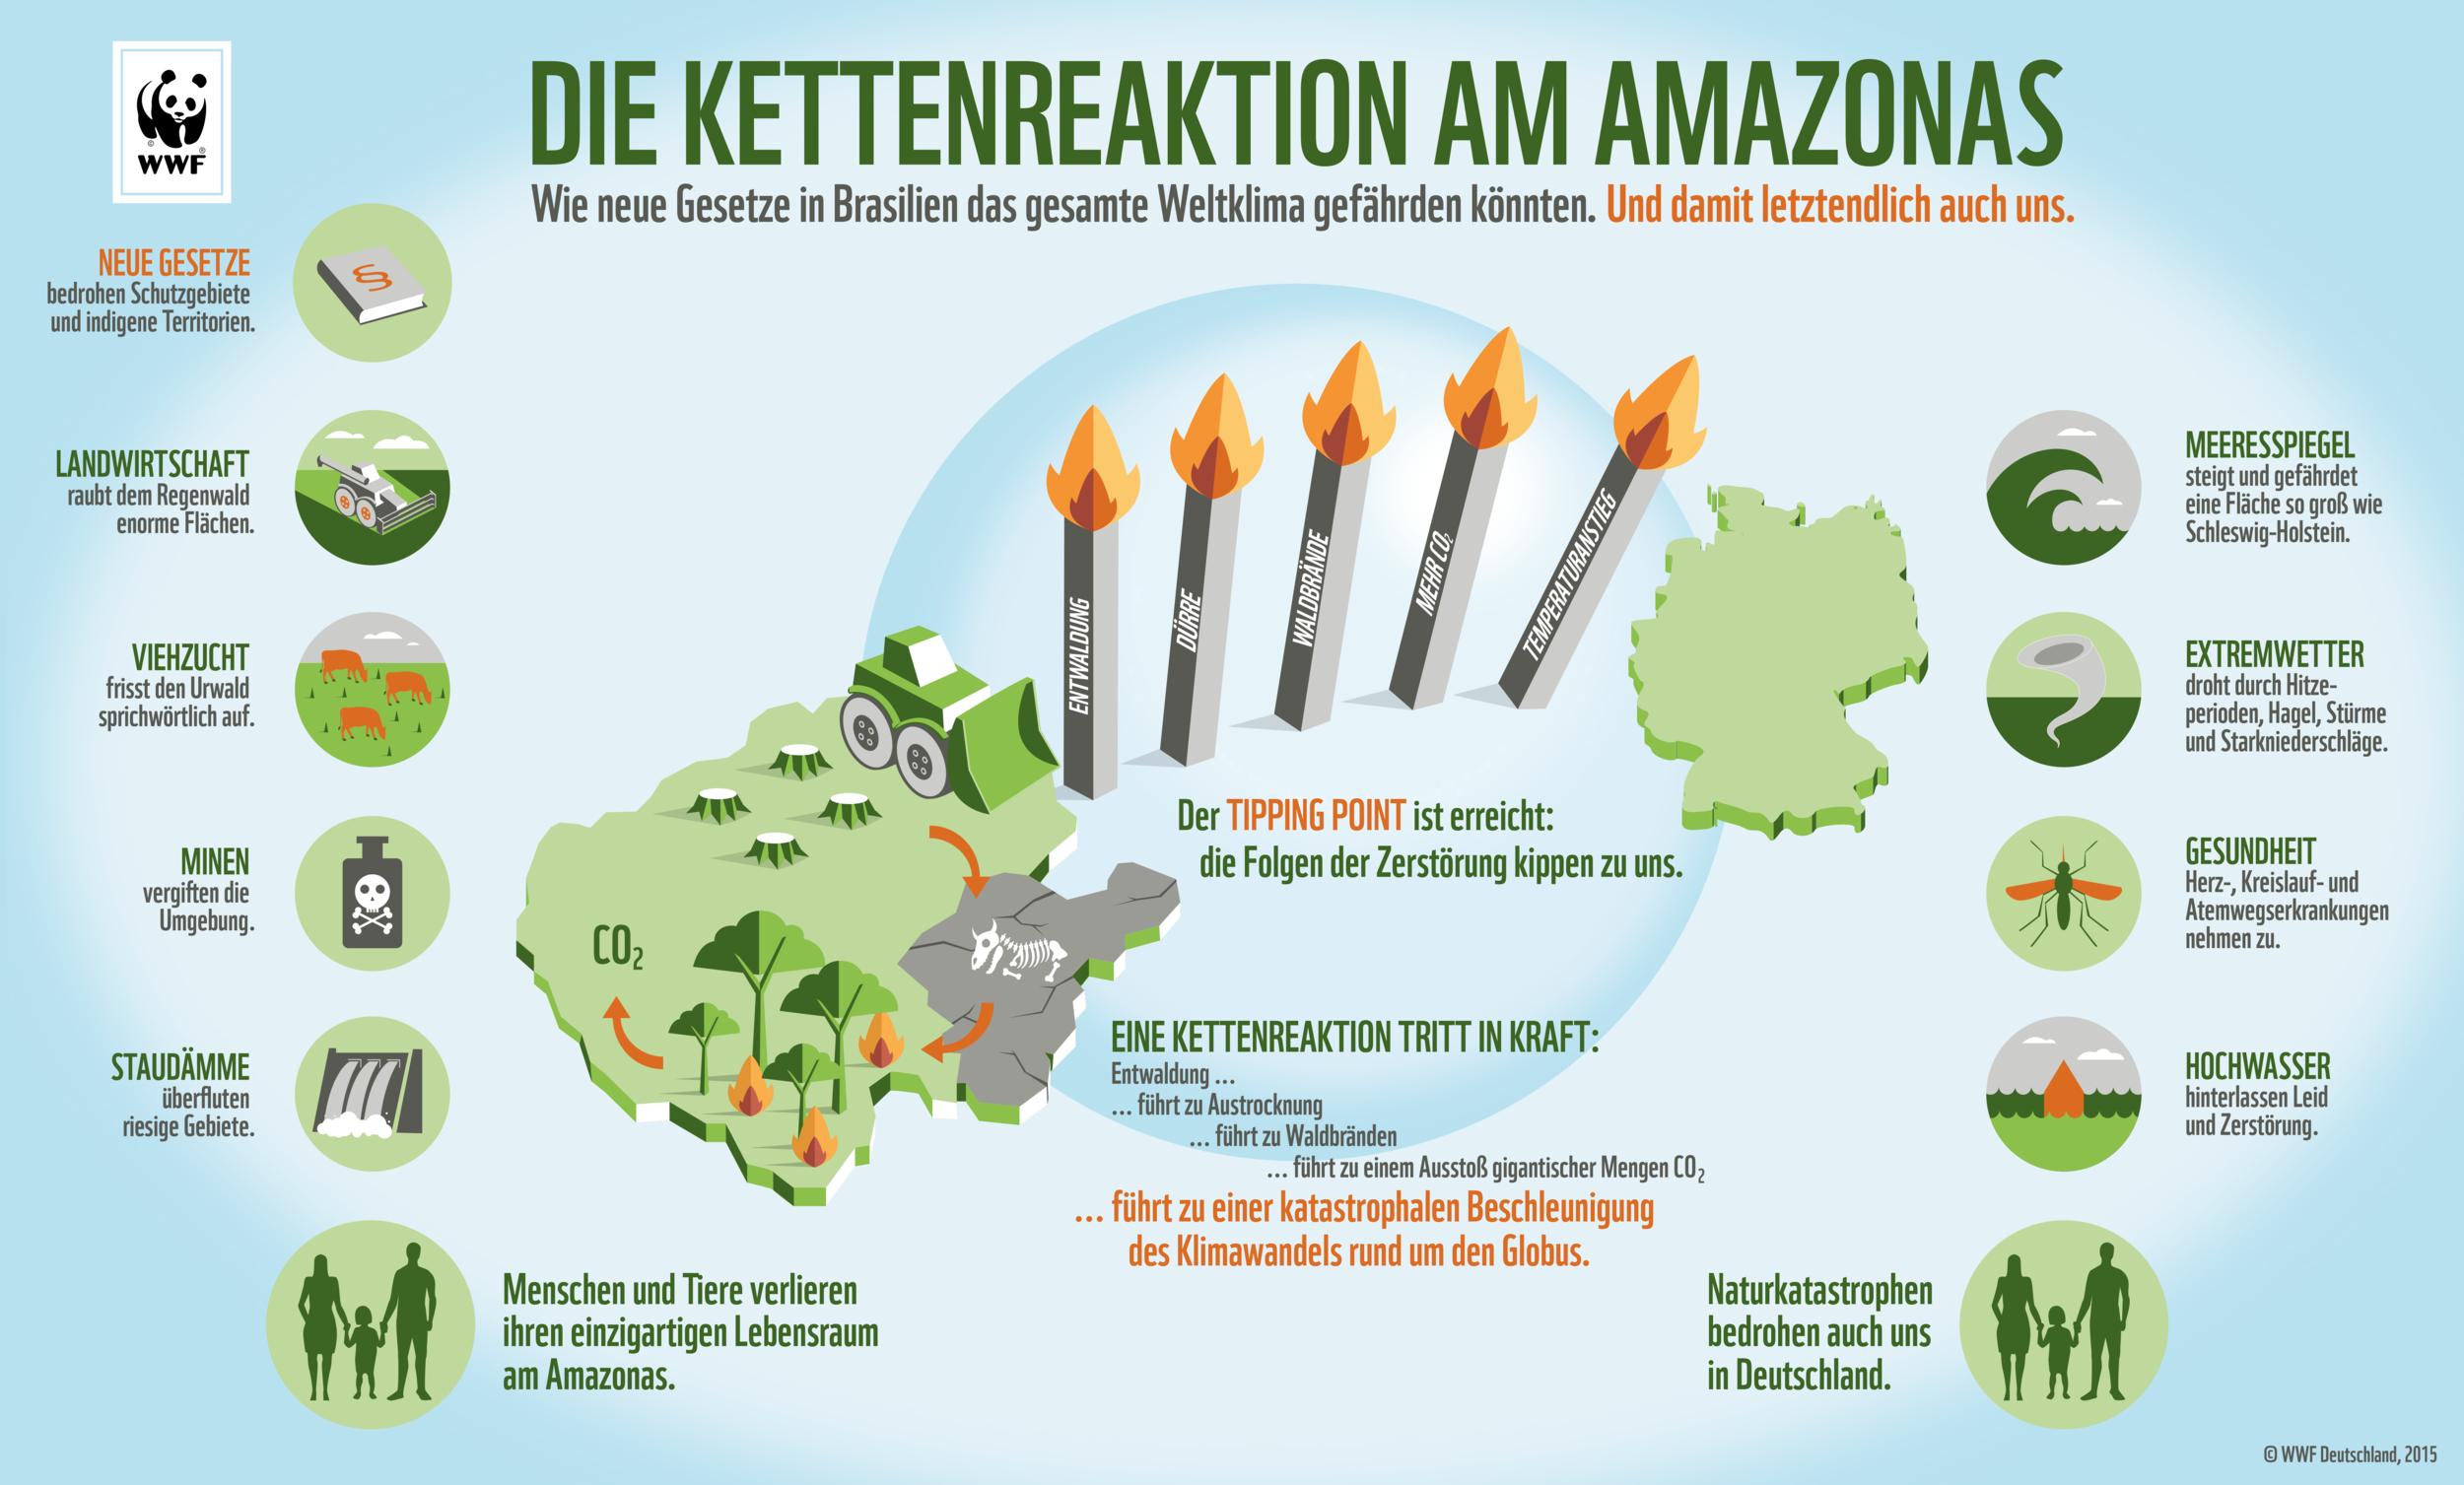 Die-Kettenreaktion-am-Amazonas-Infografik.png